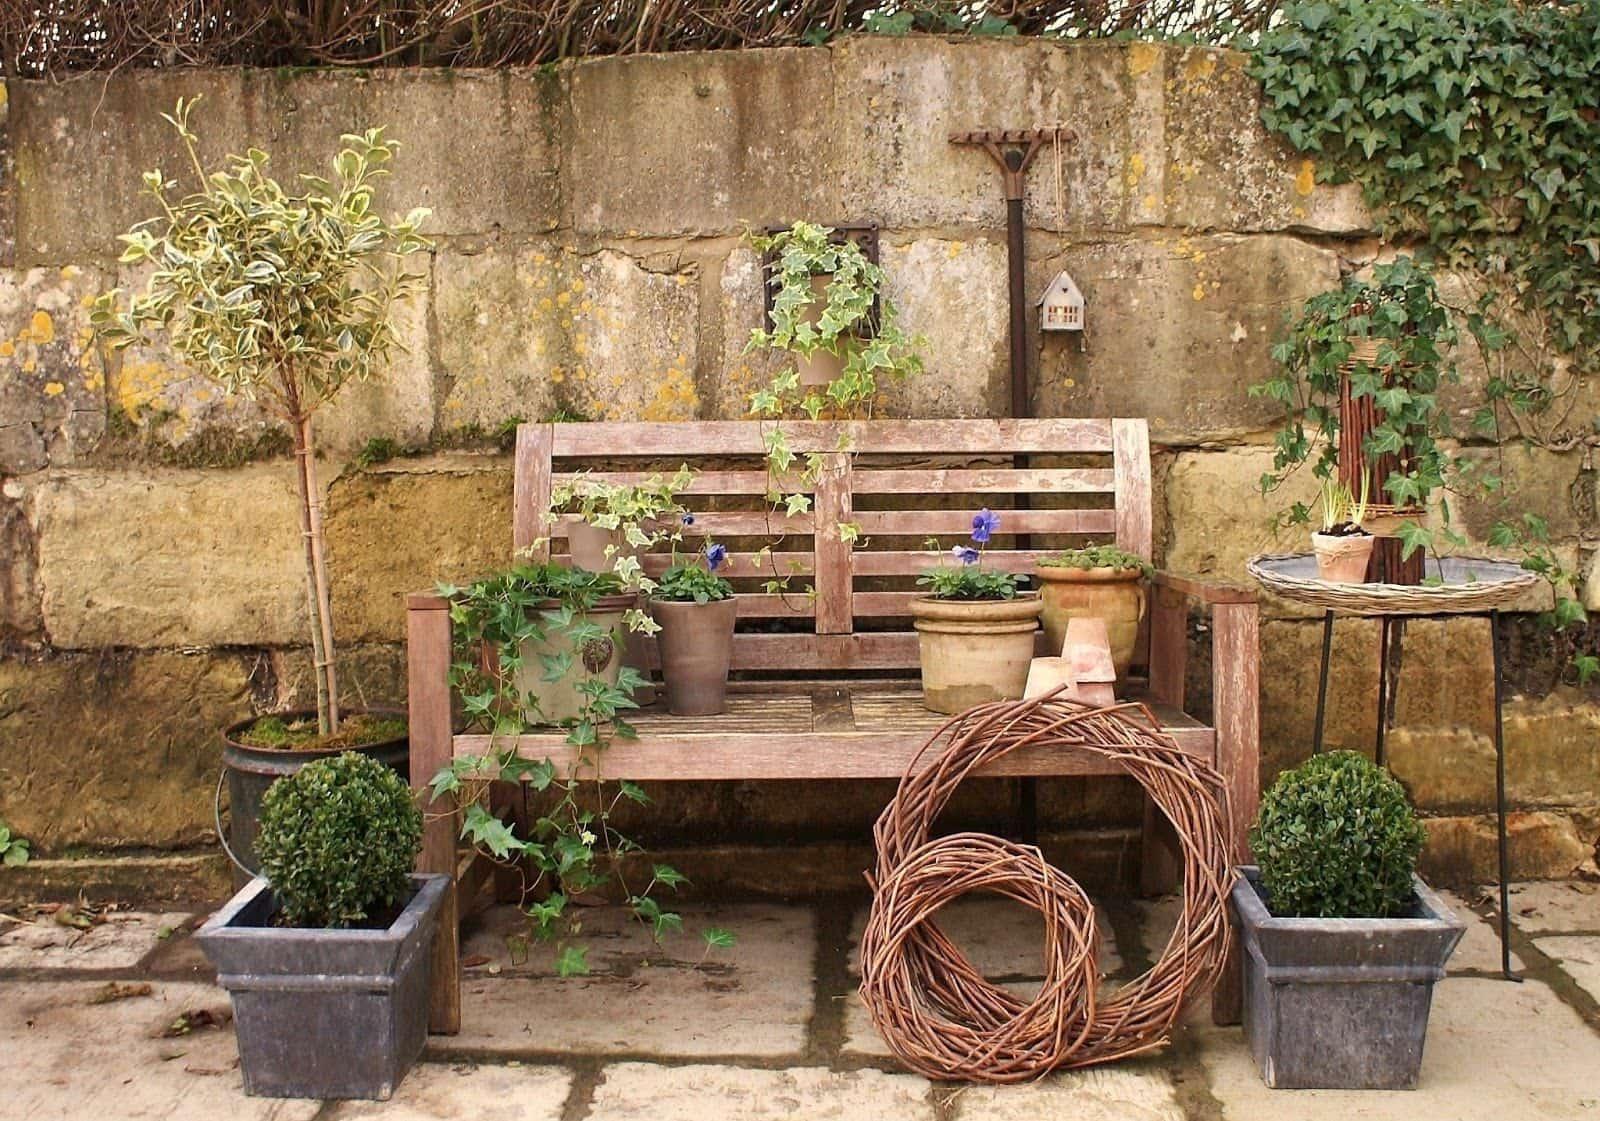 На фото представлены элементы декора, которые могут использоваться при оформлении сада в деревенском стиле